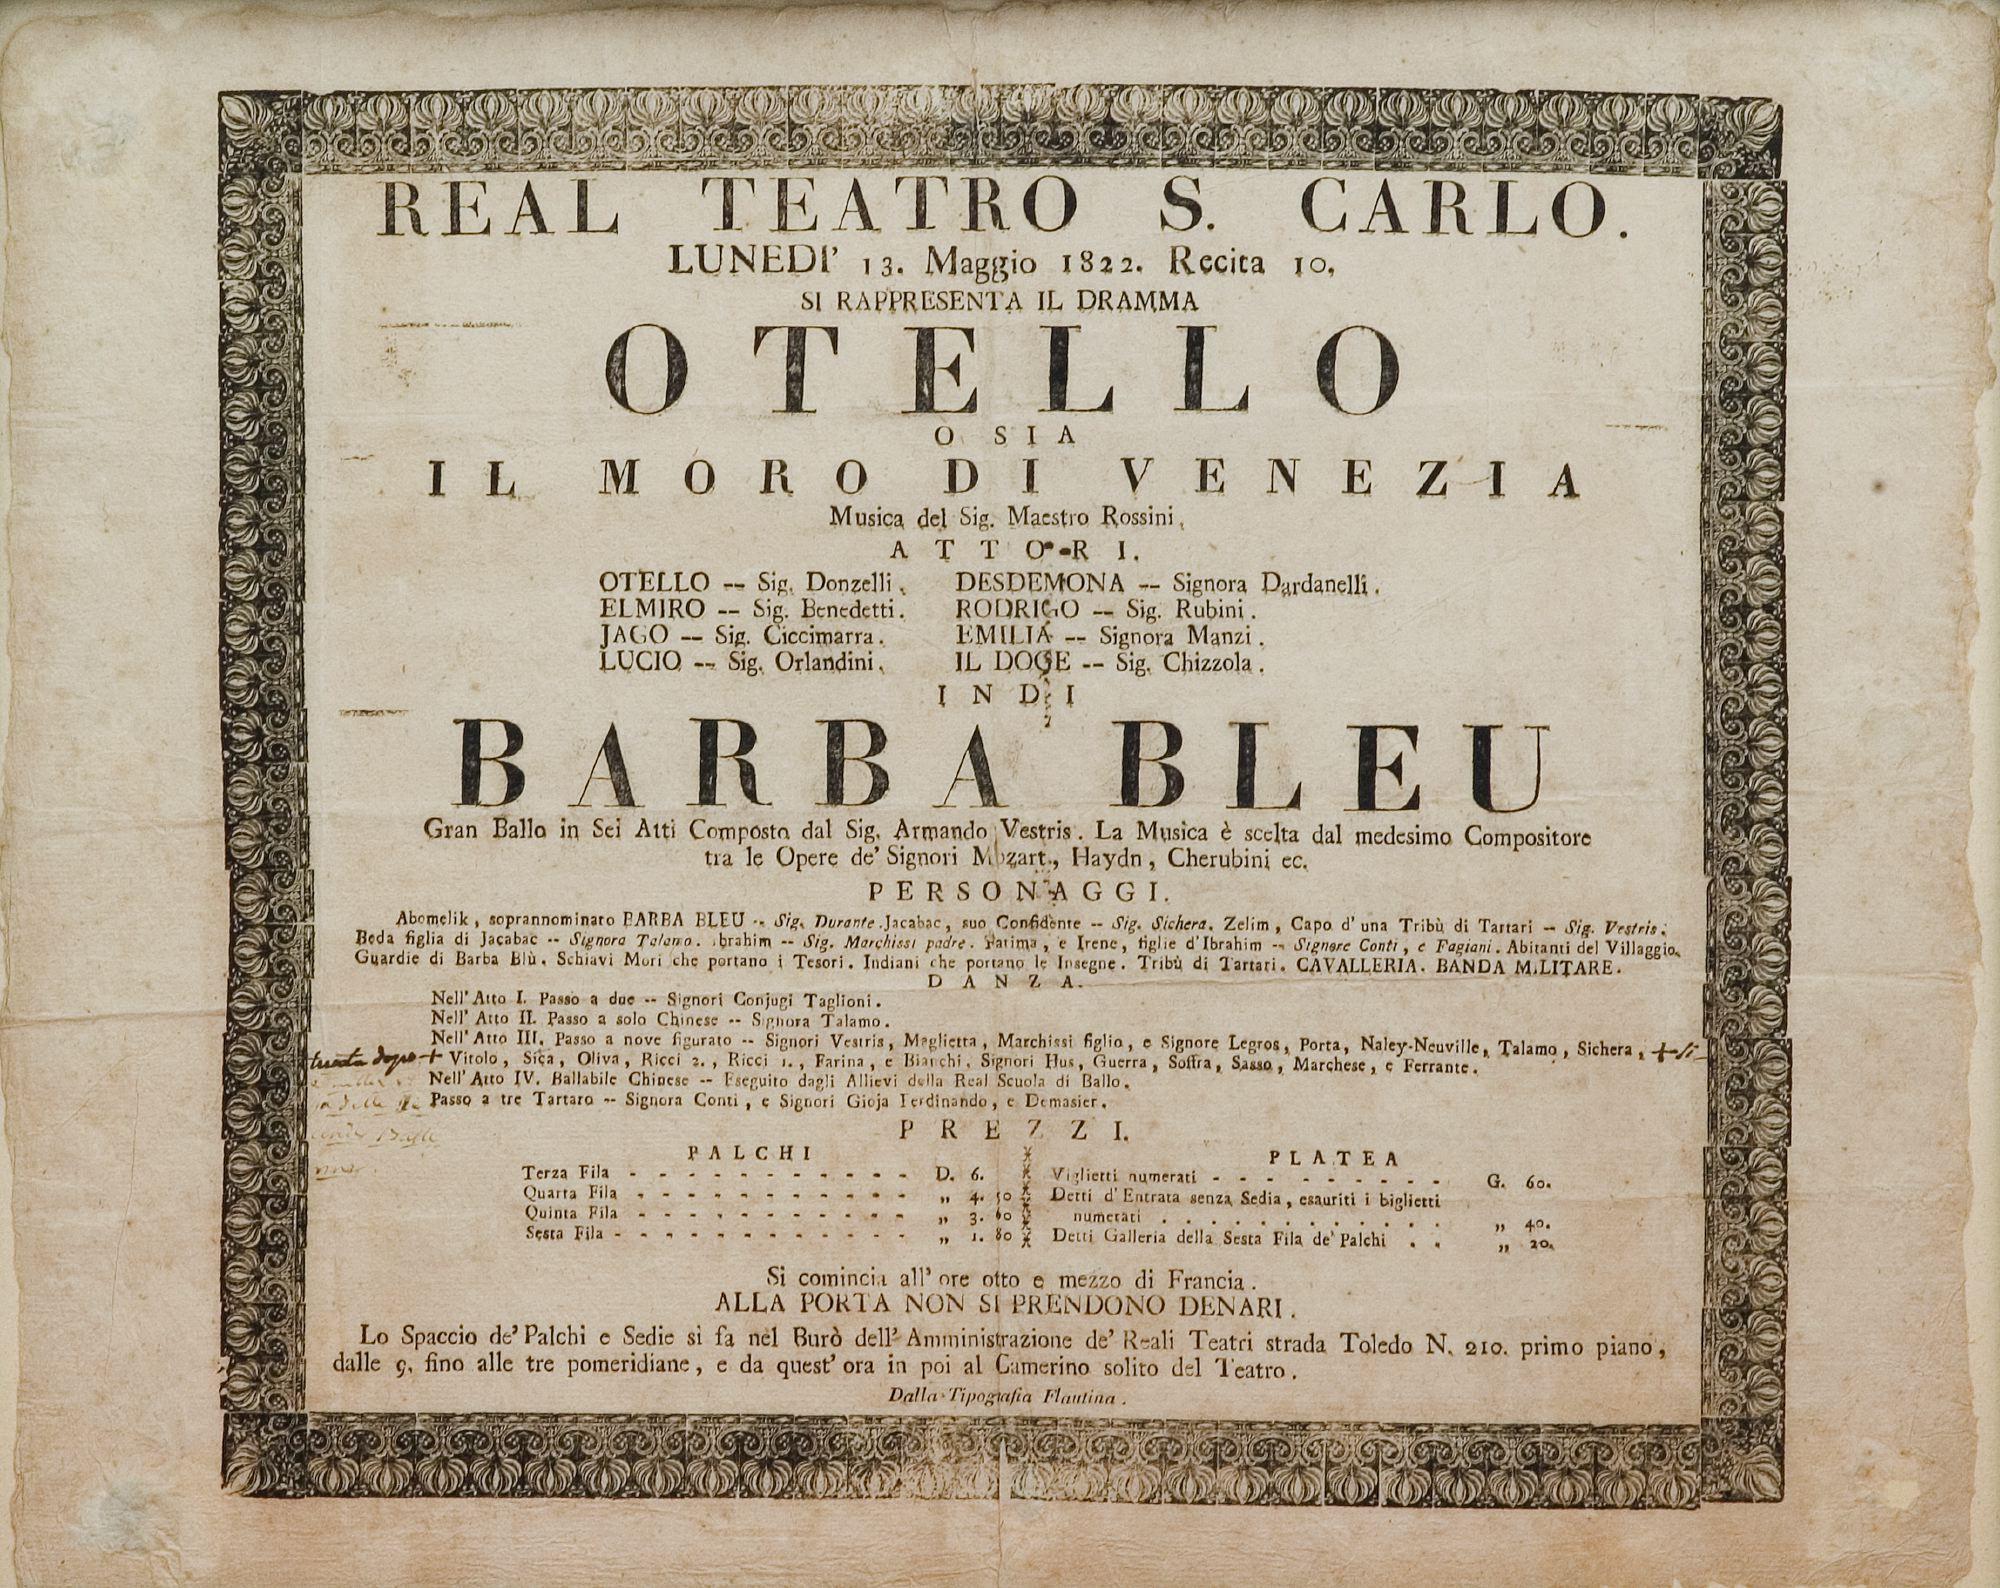 / Otello    Otello. Locandina per la recita del 13 maggio 1822 al Teatro di San Carlo.